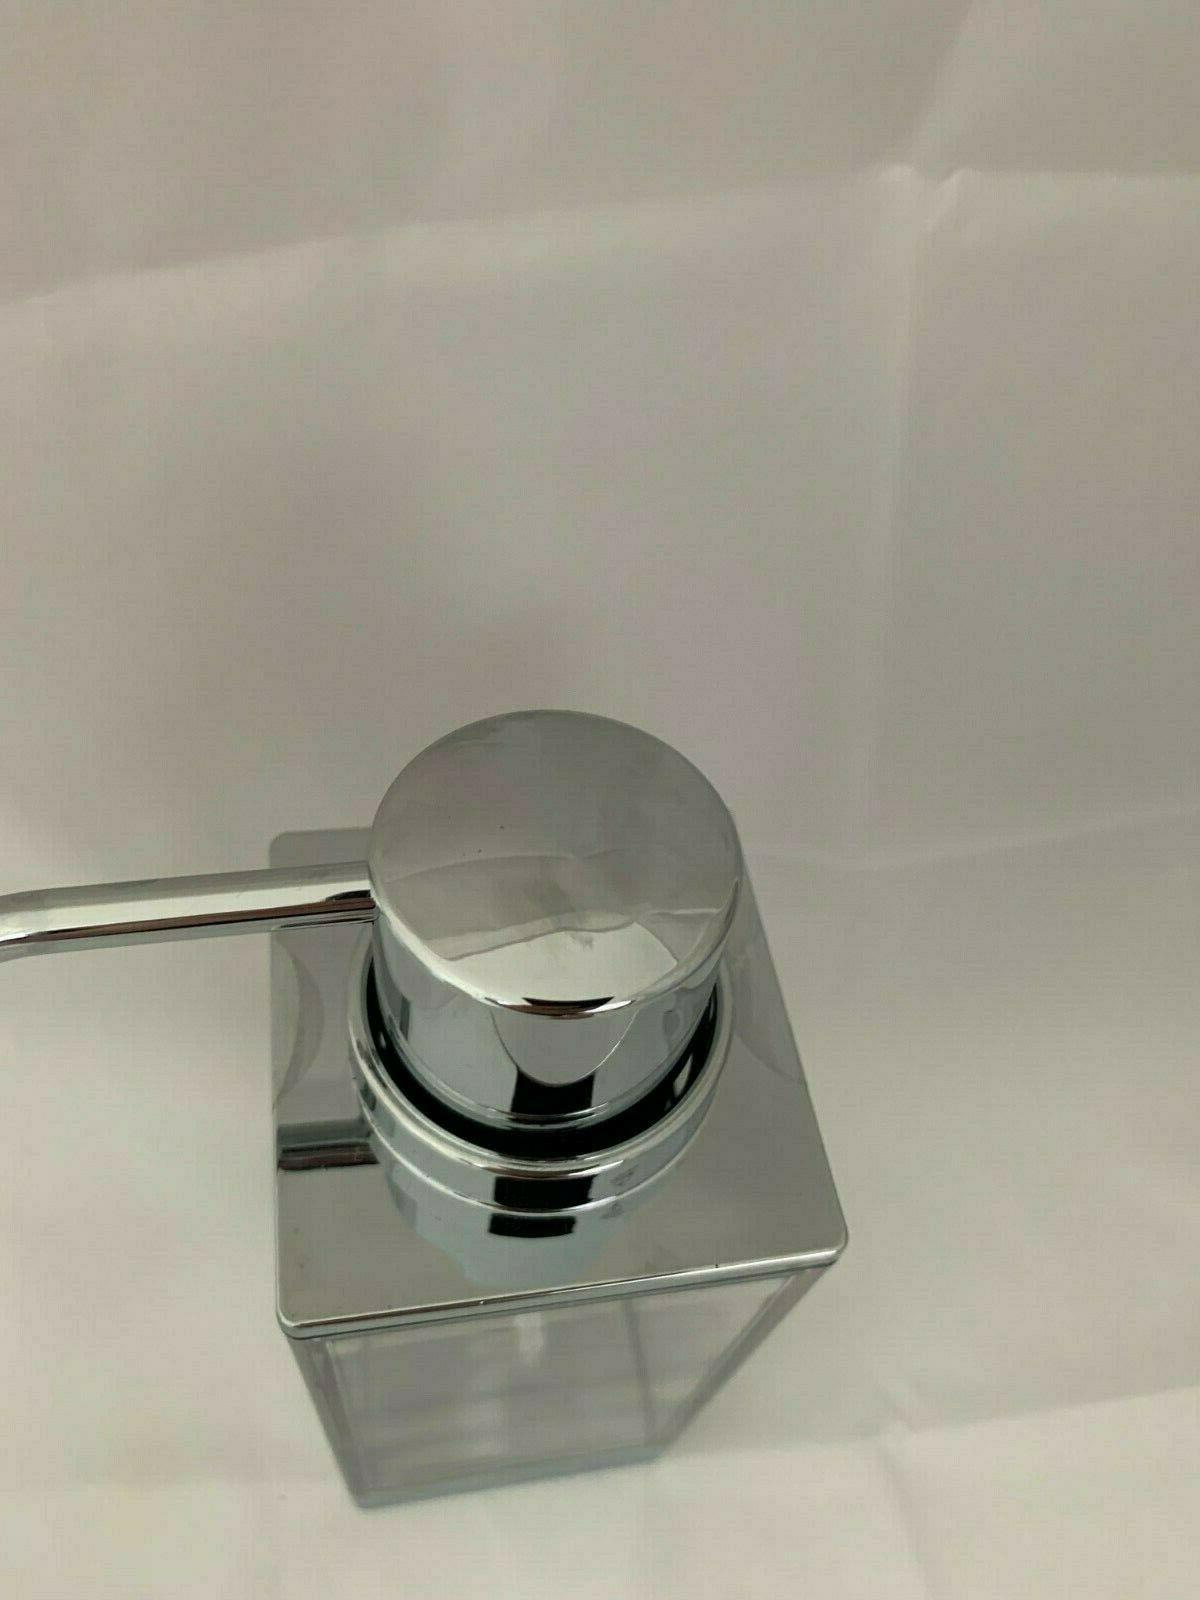 Inter Dispenser for Moisturizer, Liquid